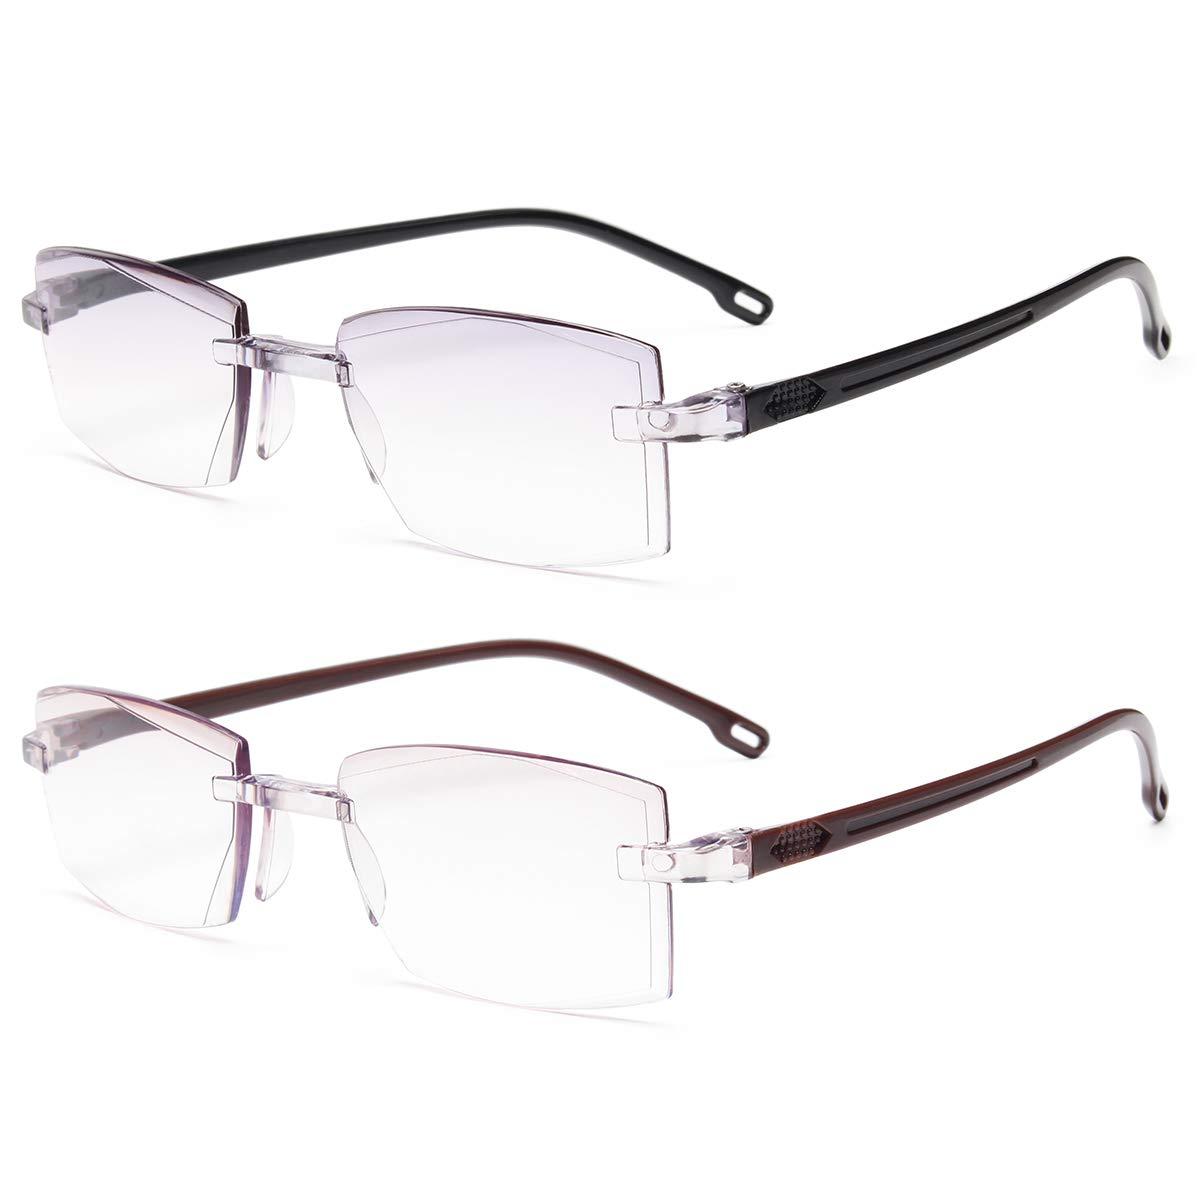 AOO 2-Pack Blue Light Blocking Reading Glasses for Women Men,Readers Anti Glare Filter UV Lightweight TR90 Frame Eyeglasses